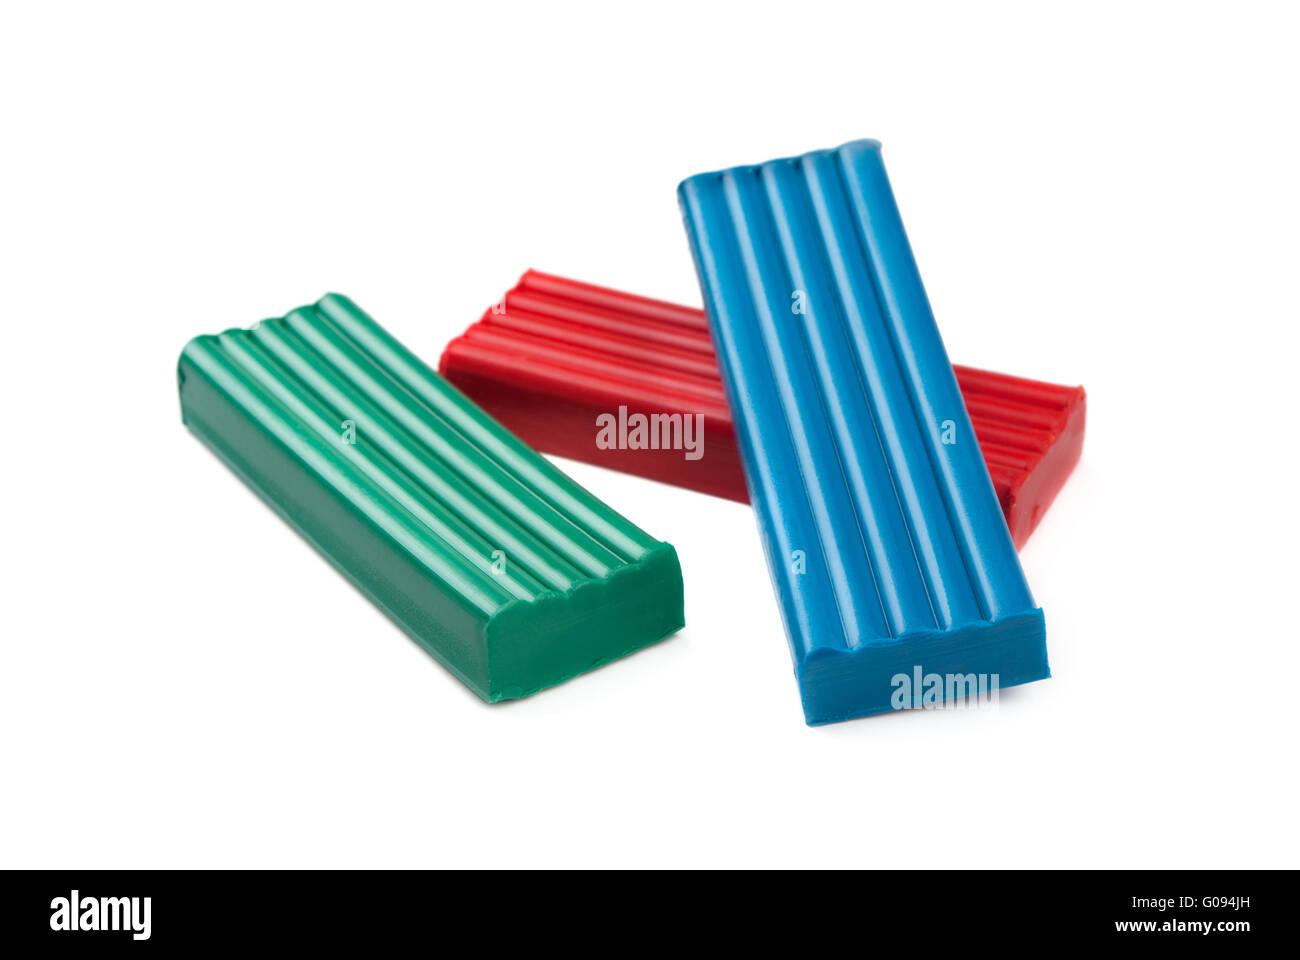 Plasticine blocks - Stock Image